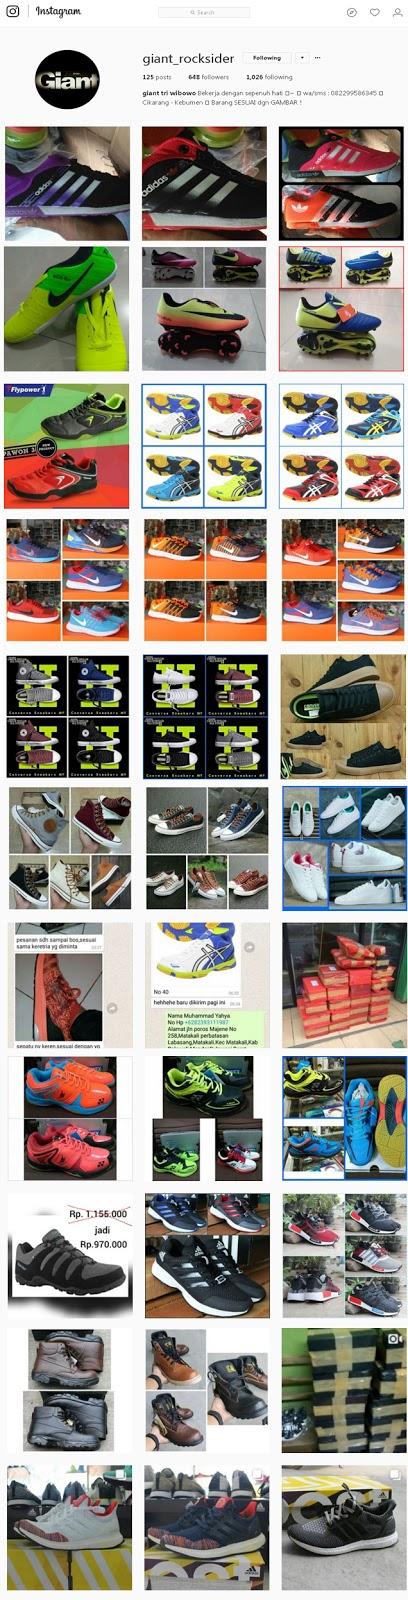 59a4184ec31d4 Toko Sepatu Pria dan Wanita Murah Berkualitas